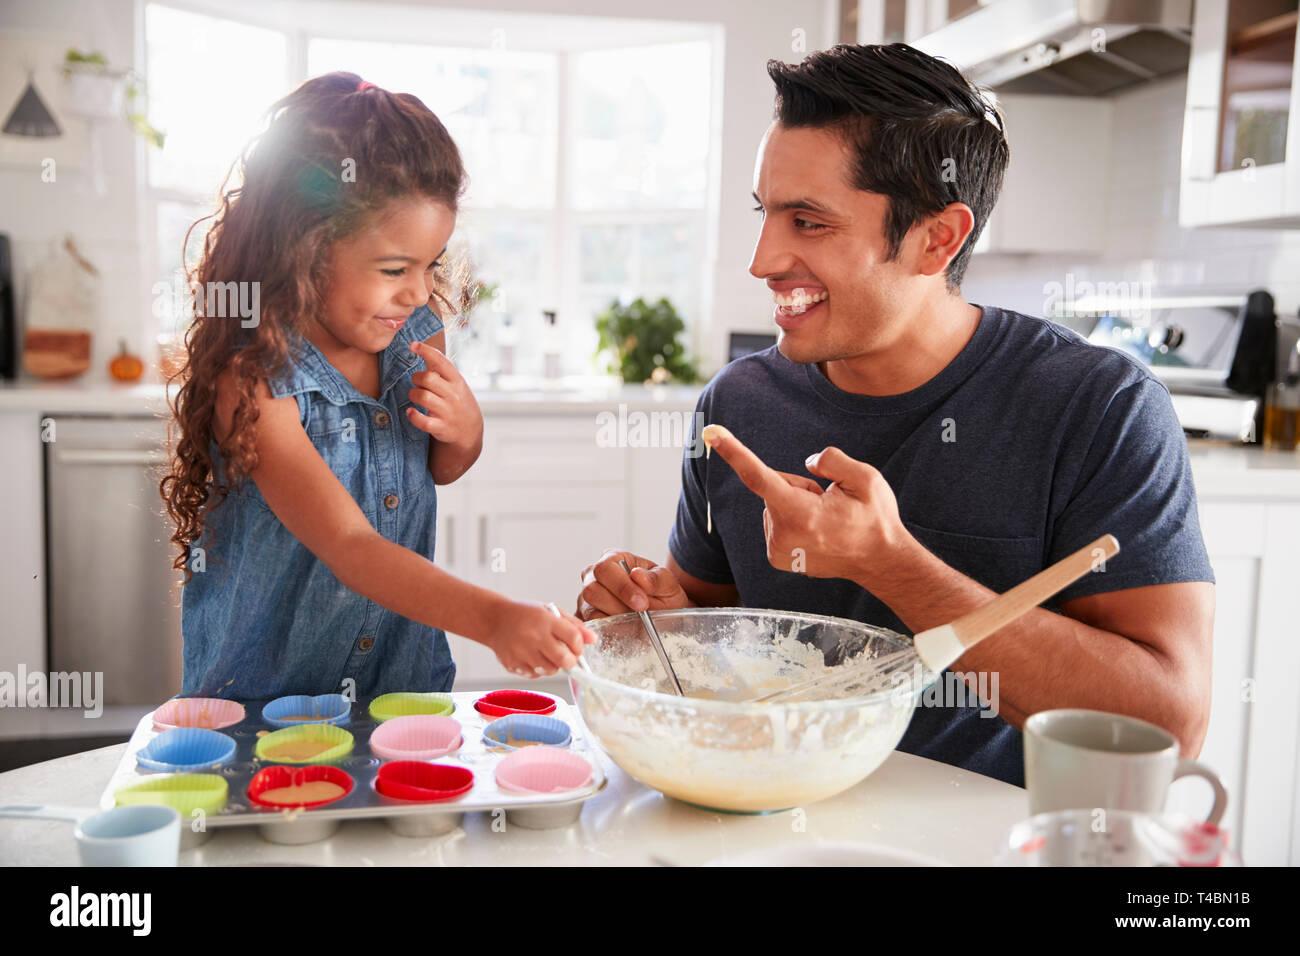 Giovane ragazza sta al tavolo della cucina a fare torte con suo padre, assaggiando il cake mix, close up Foto Stock